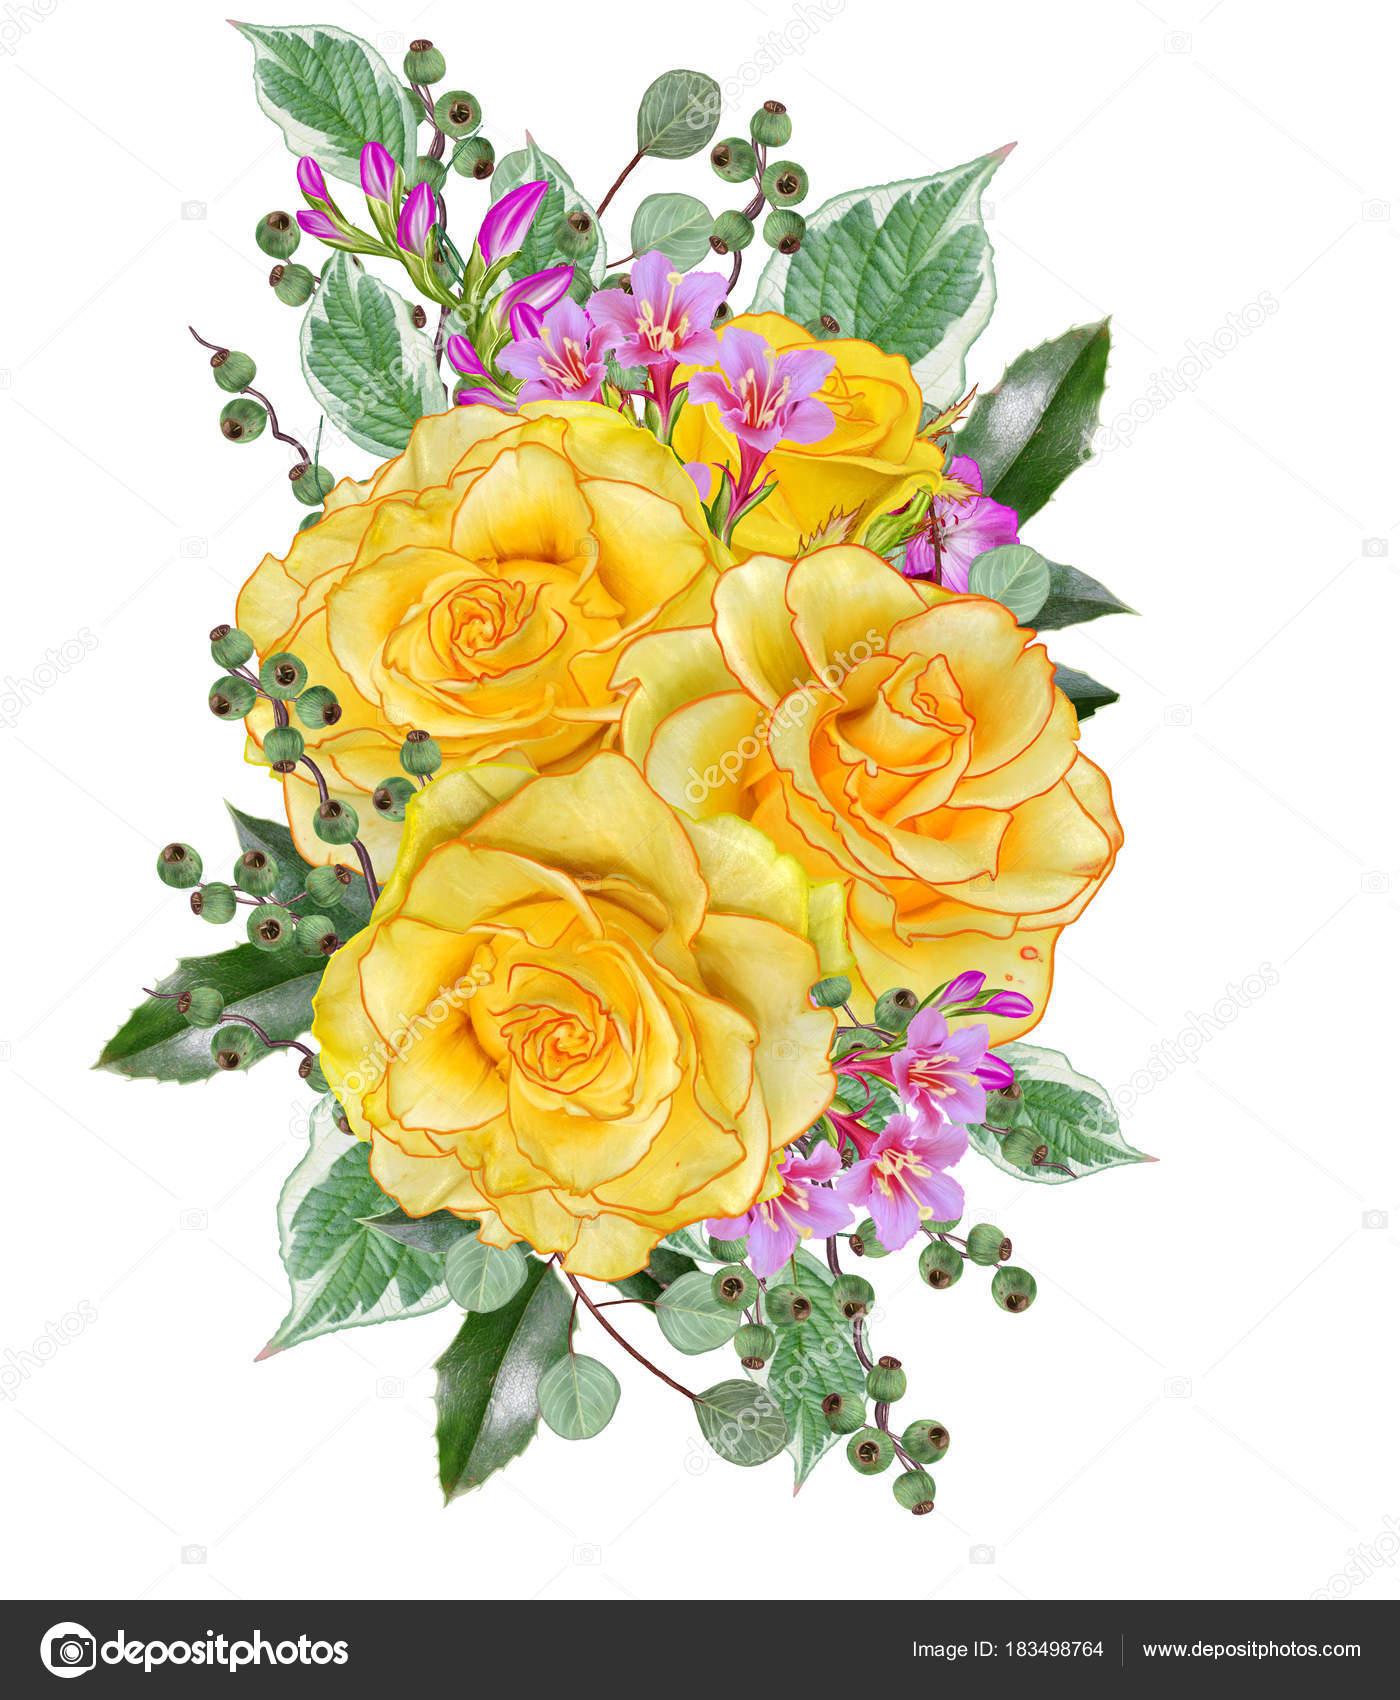 Открытка с благодарностью цветы и ягоды в букете 40